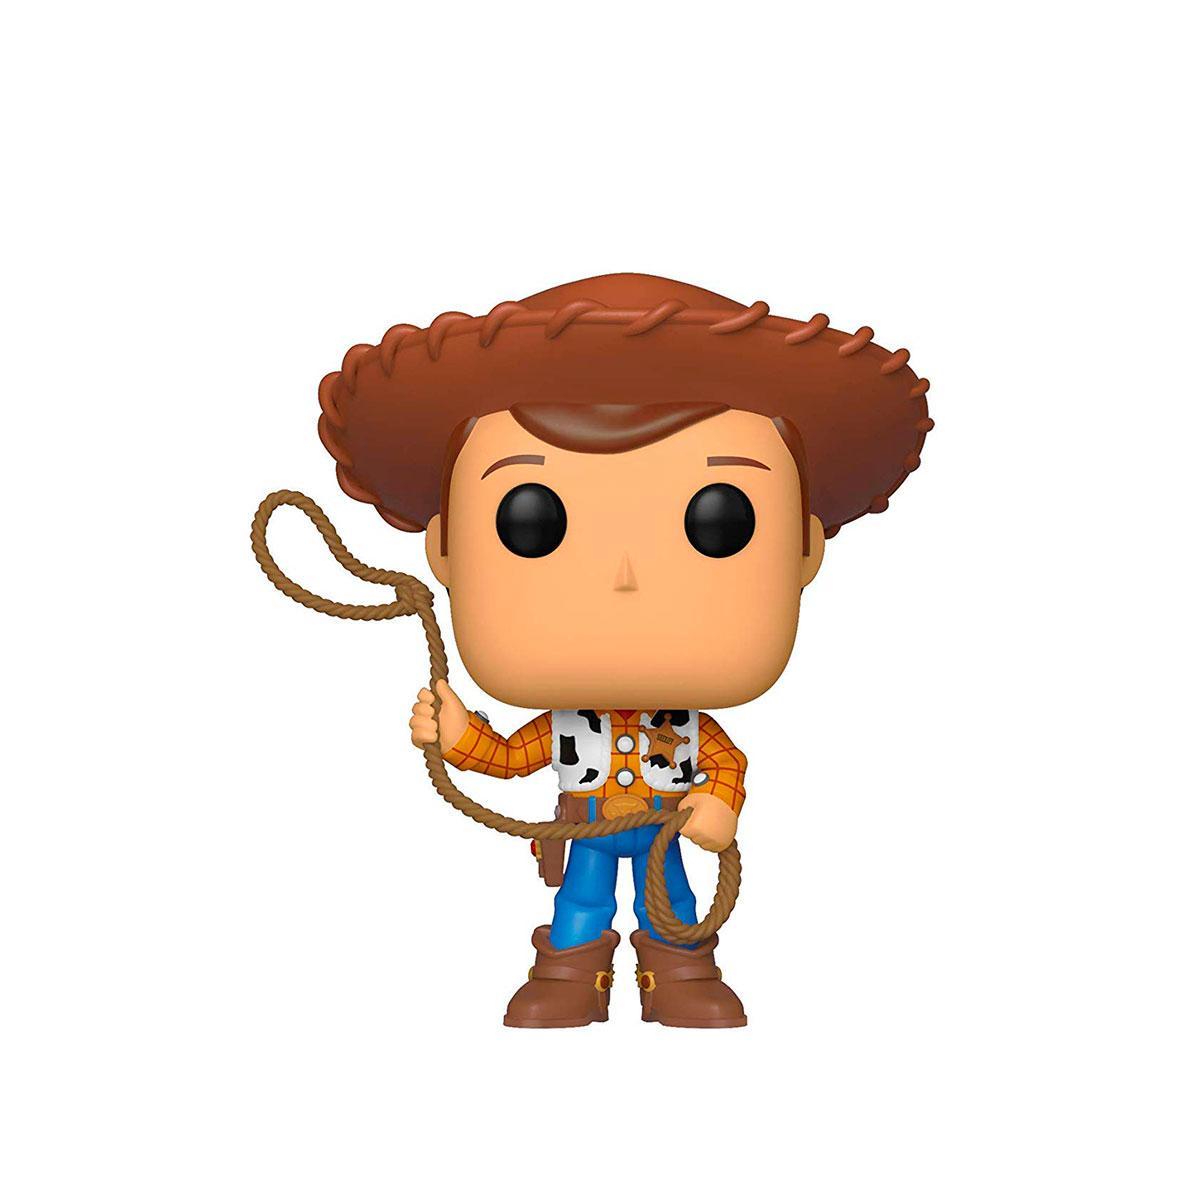 Funko Pop! Игровая фигурка Шериф Вуди - серии История Игрушек 4, 37383